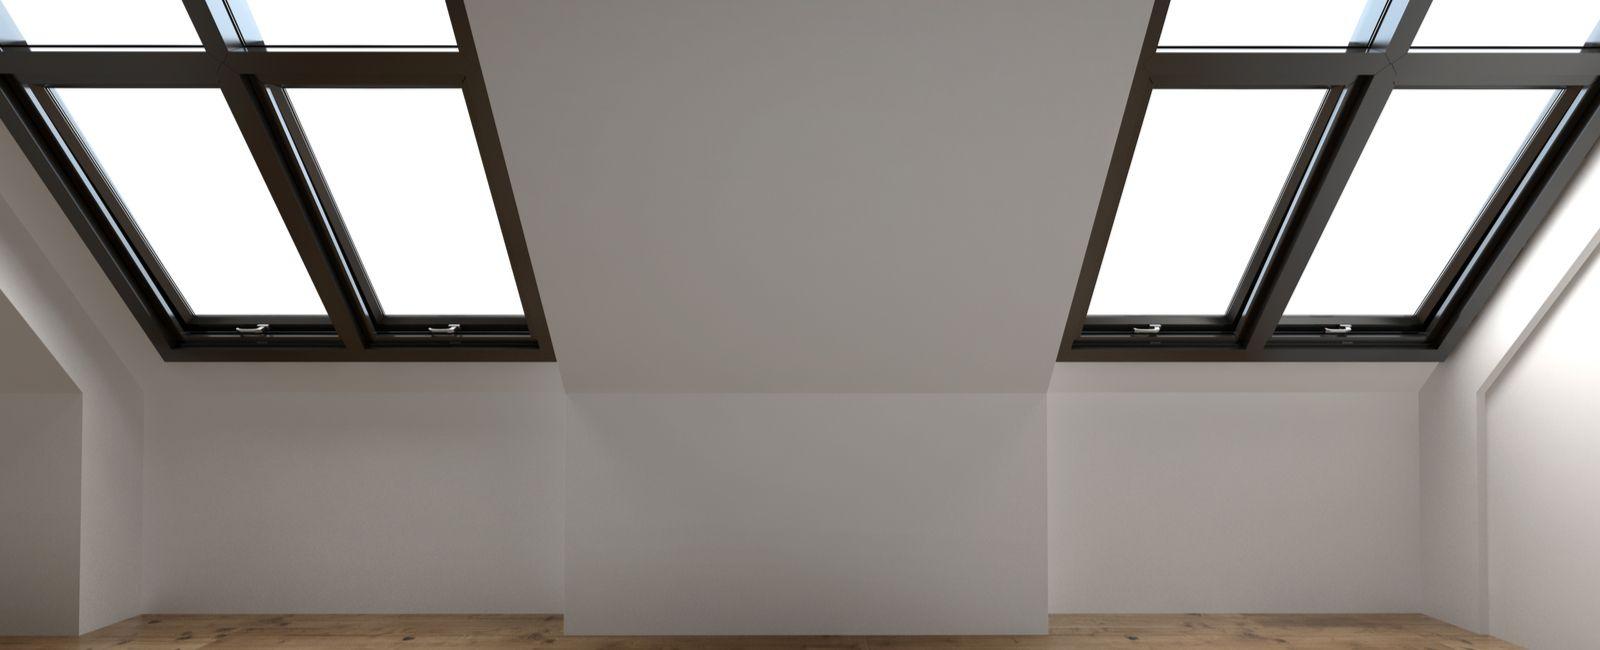 Installation De Fenêtre De Toit Que Faut Il Savoir Conseils